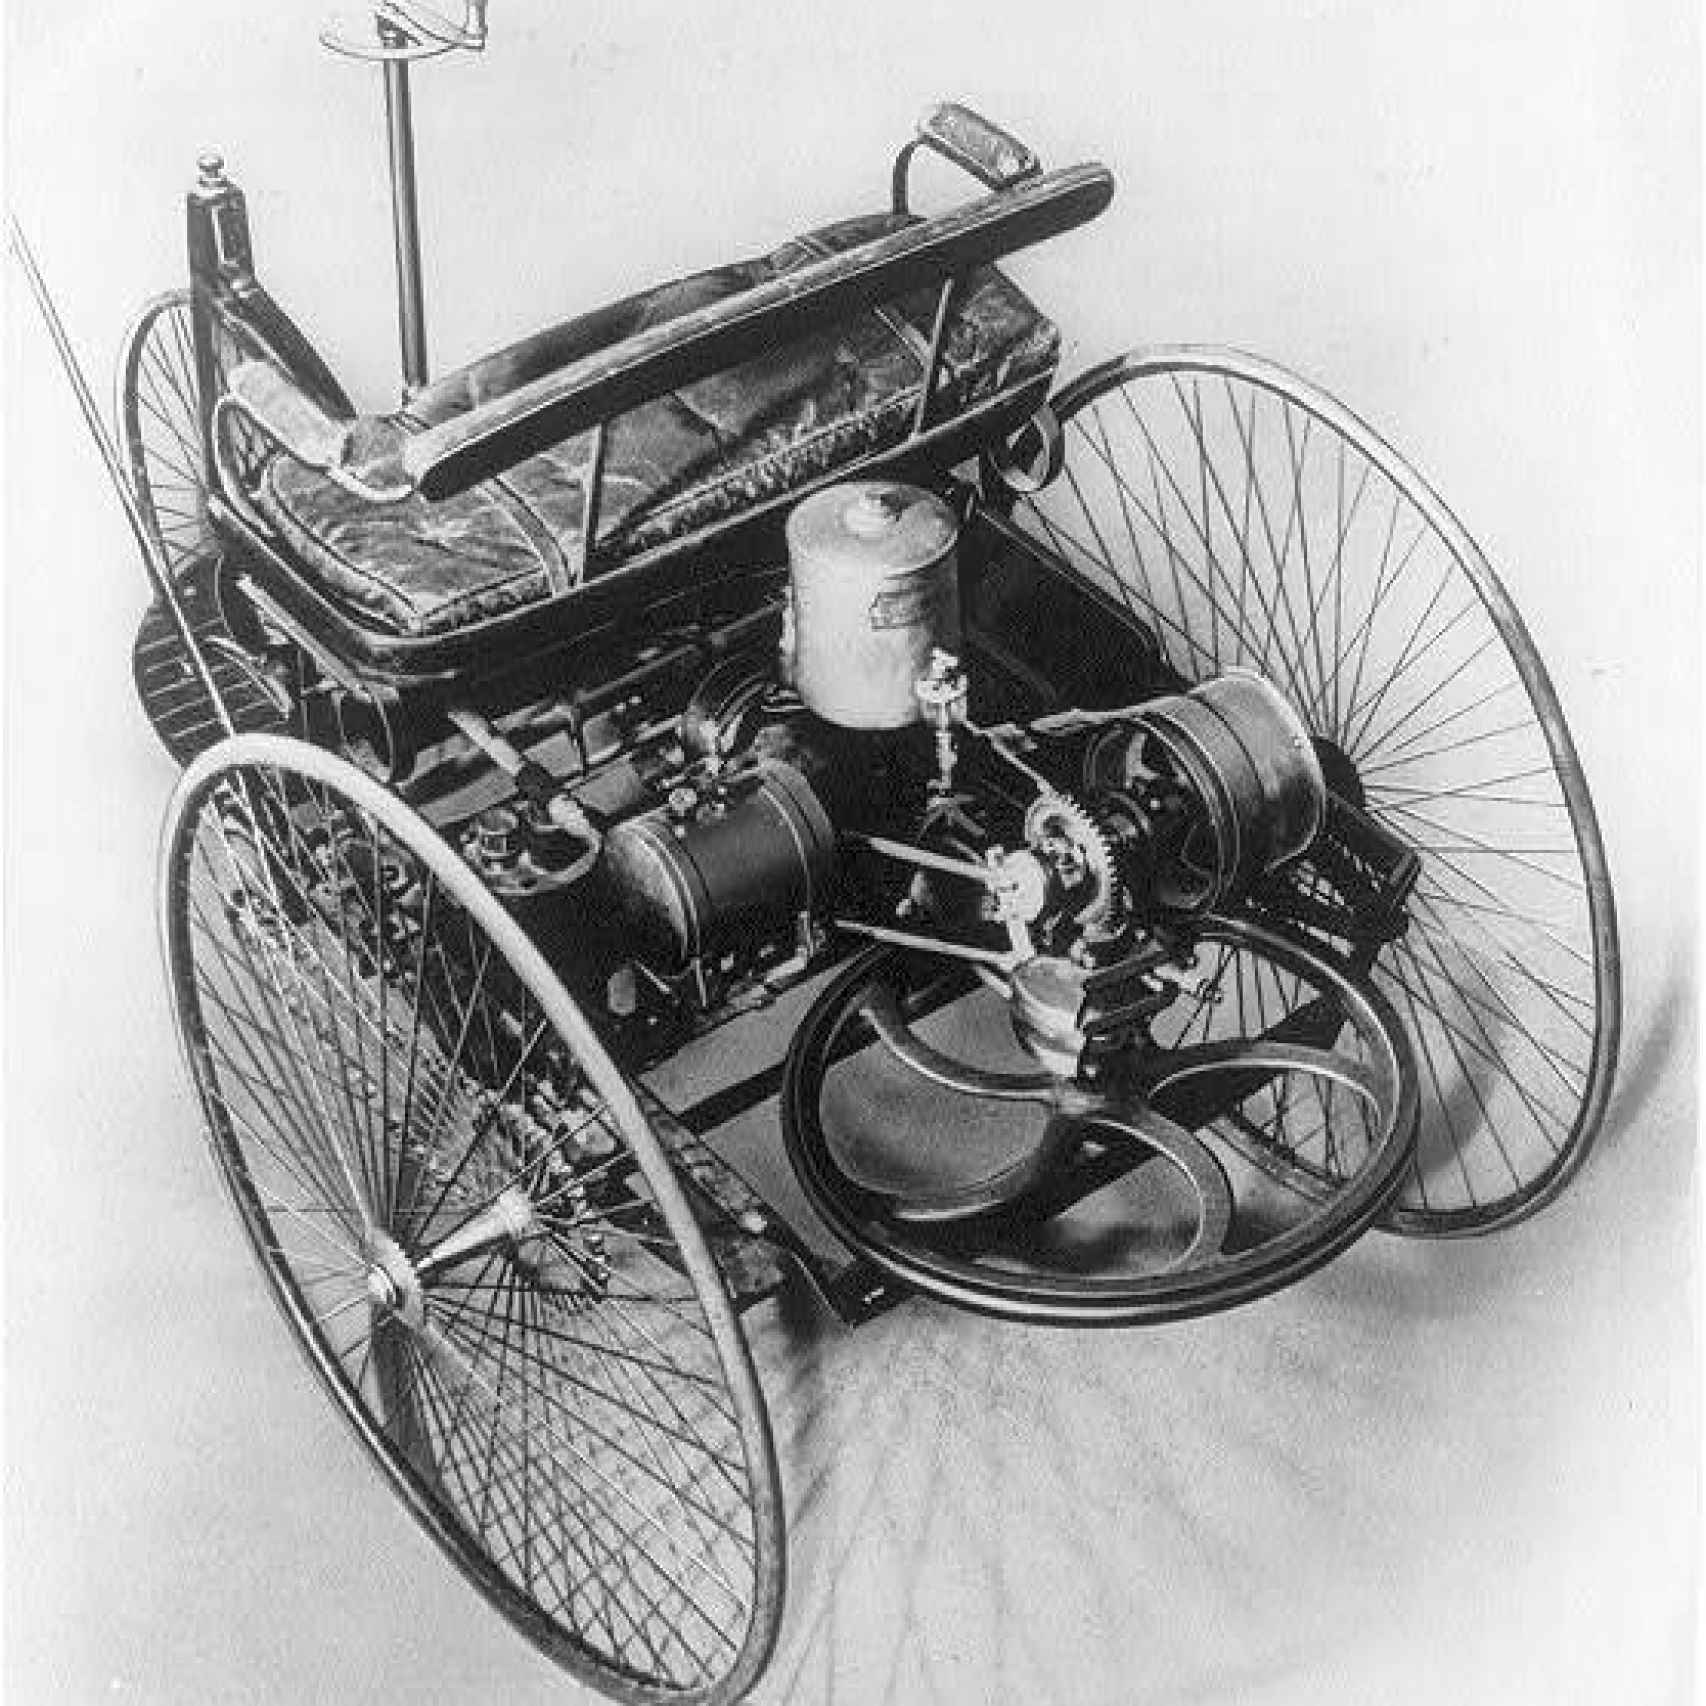 El vehículo de tres ruedas de Benz de 1885, que intentaba crear un automóvil de cero, no basado en el coche de caballos.